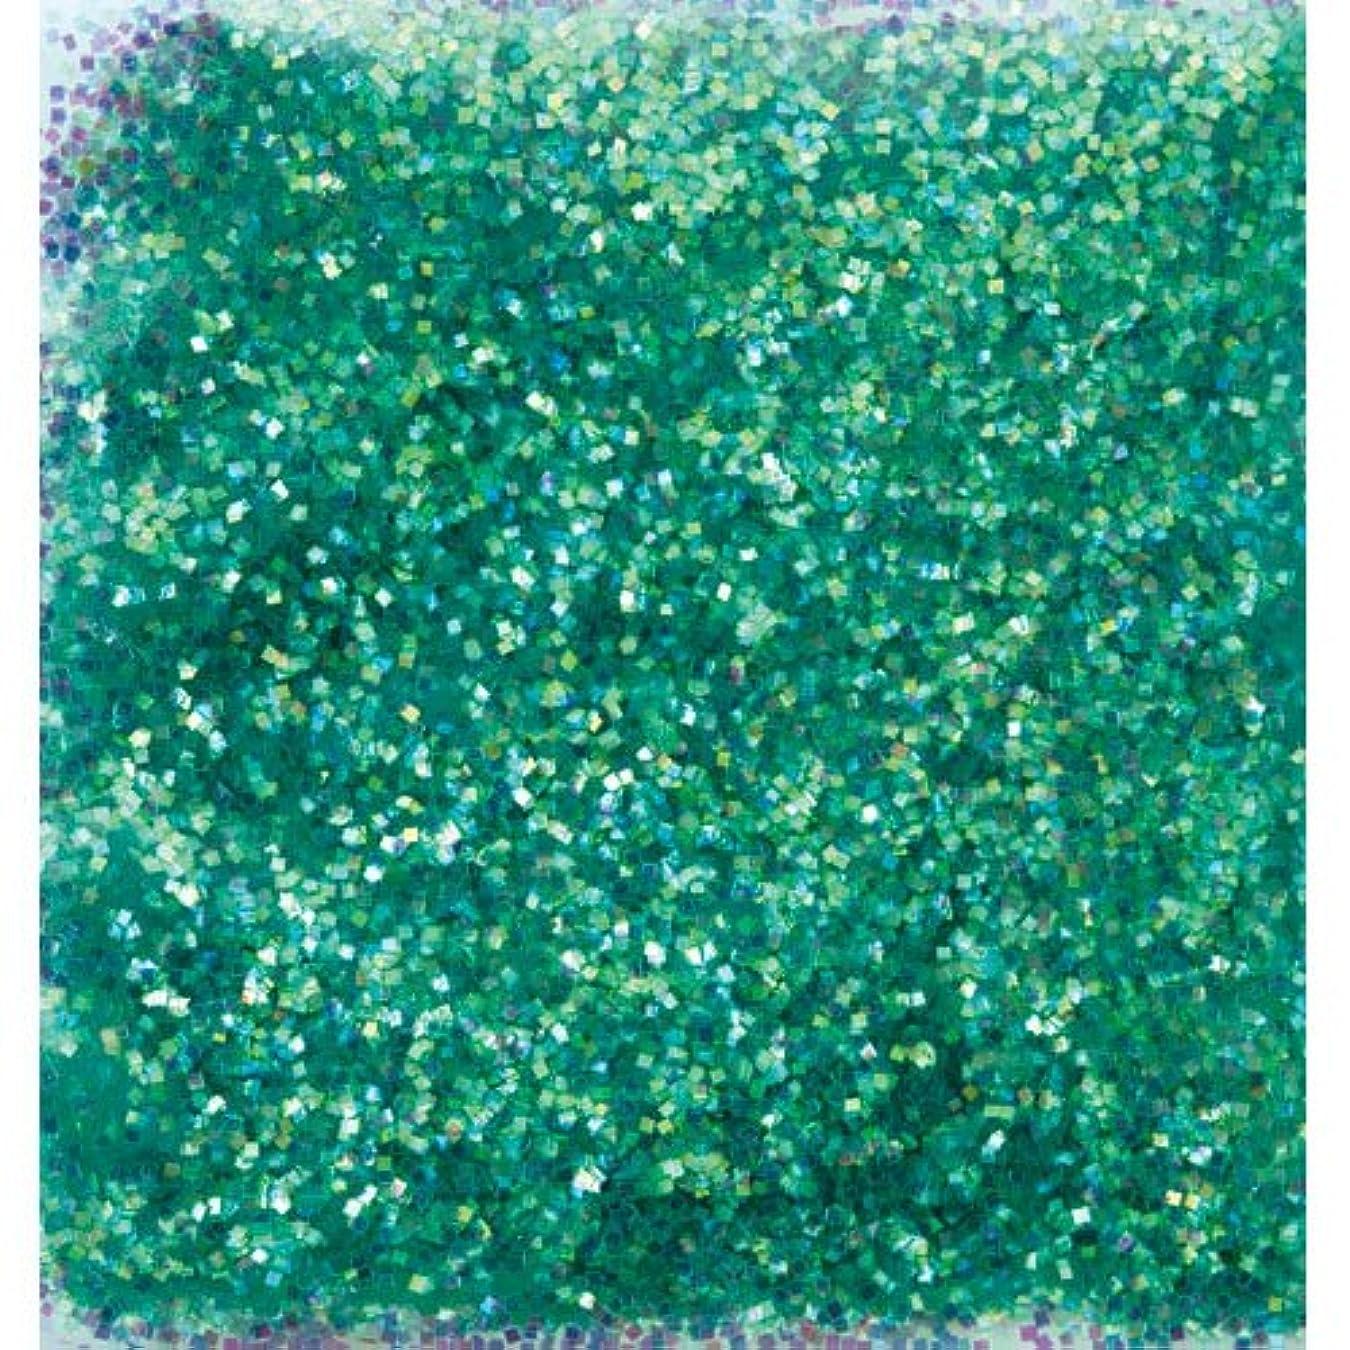 灰無関心コンソールピカエース ネイル用パウダー オーロラグリッター M #499 グリーン 1.5g